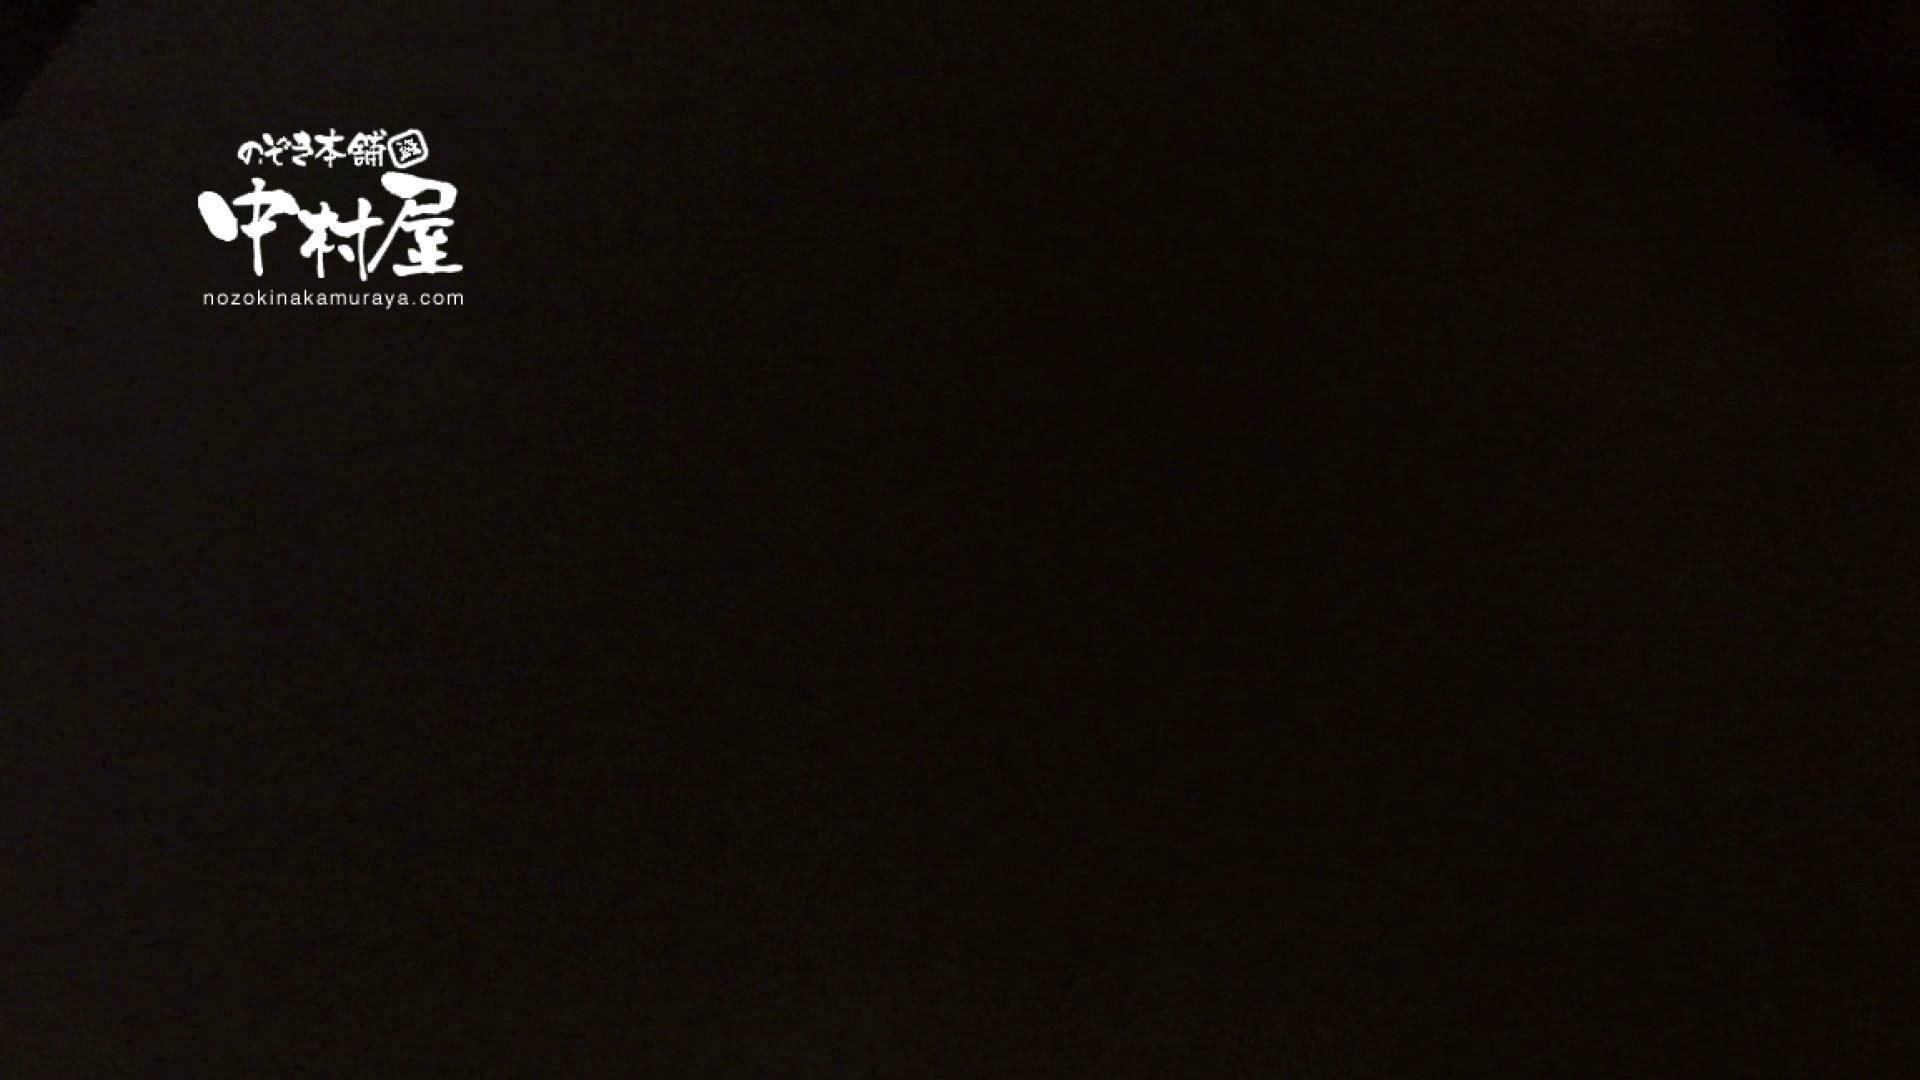 鬼畜 vol.10 あぁ無情…中出しパイパン! 後編 中出し  49連発 11